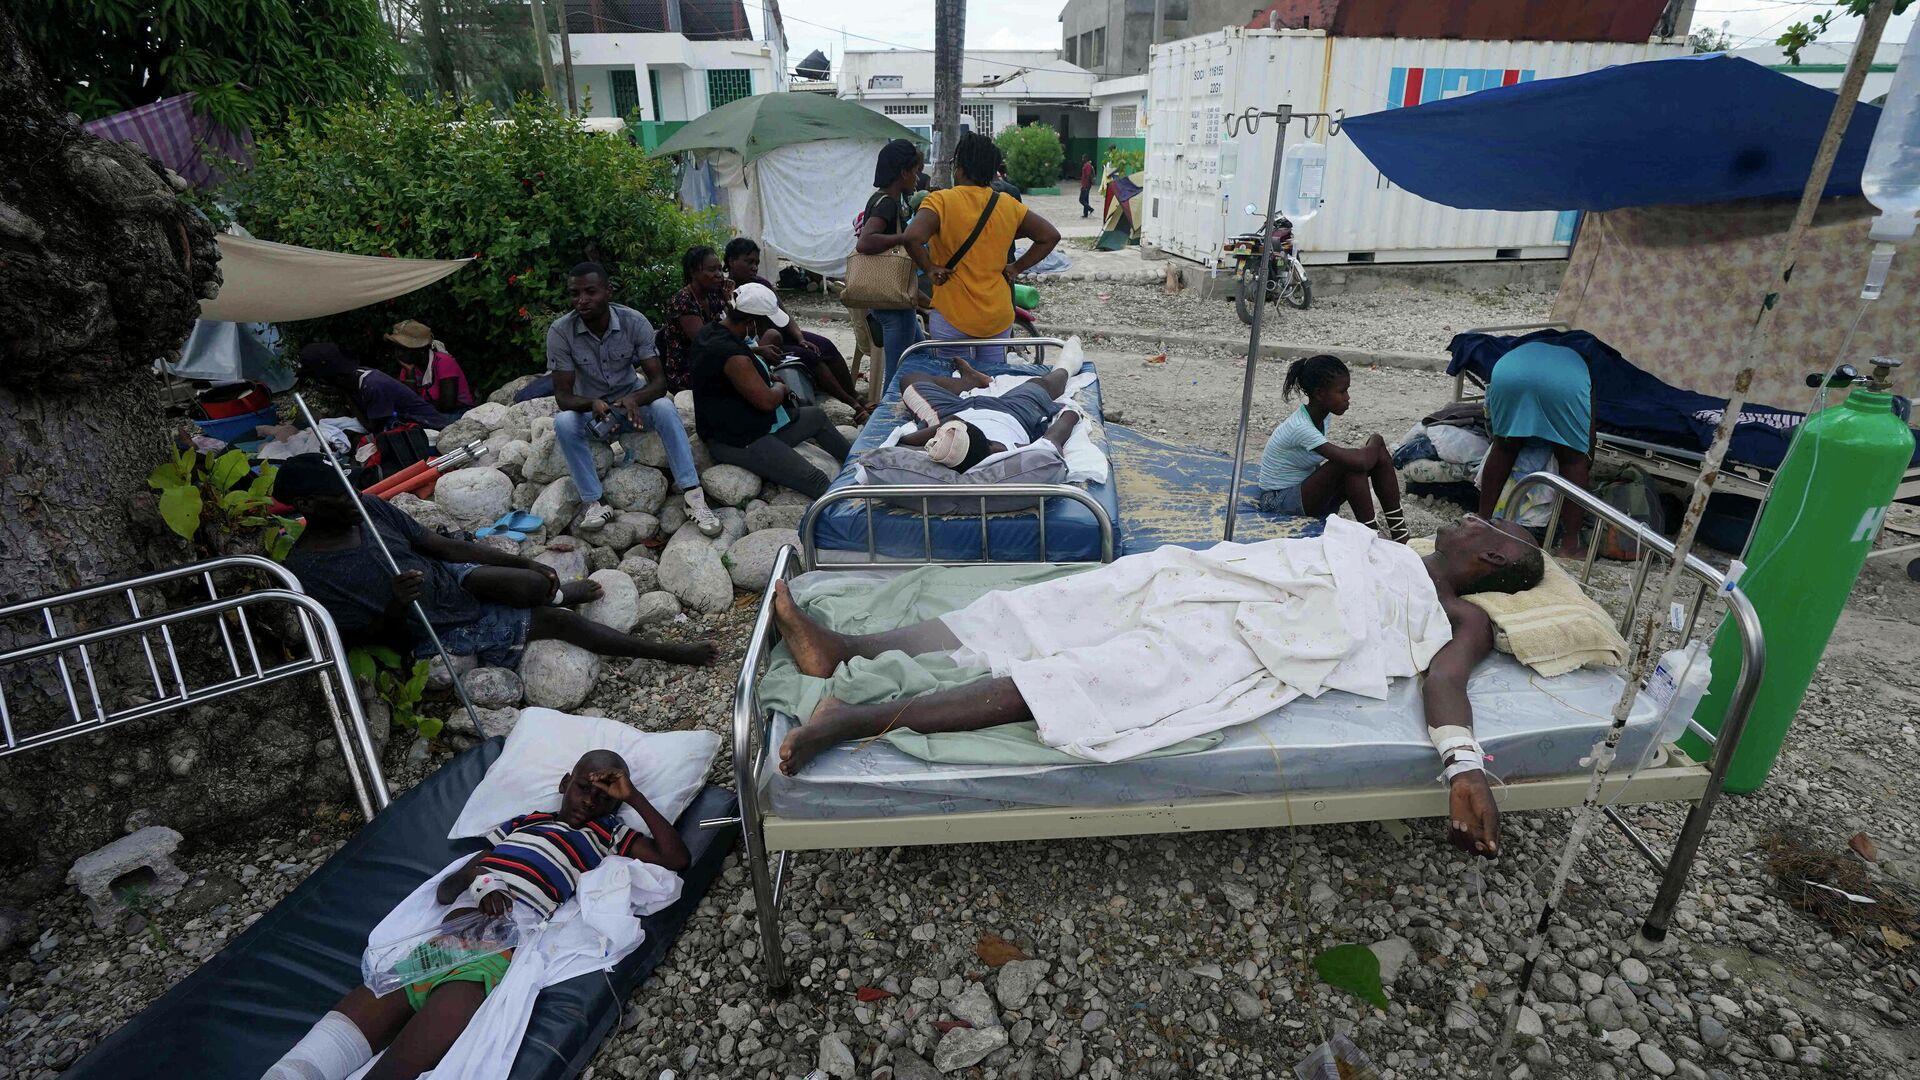 Consecuencia del terremoto en Haití - Sputnik Mundo, 1920, 19.08.2021